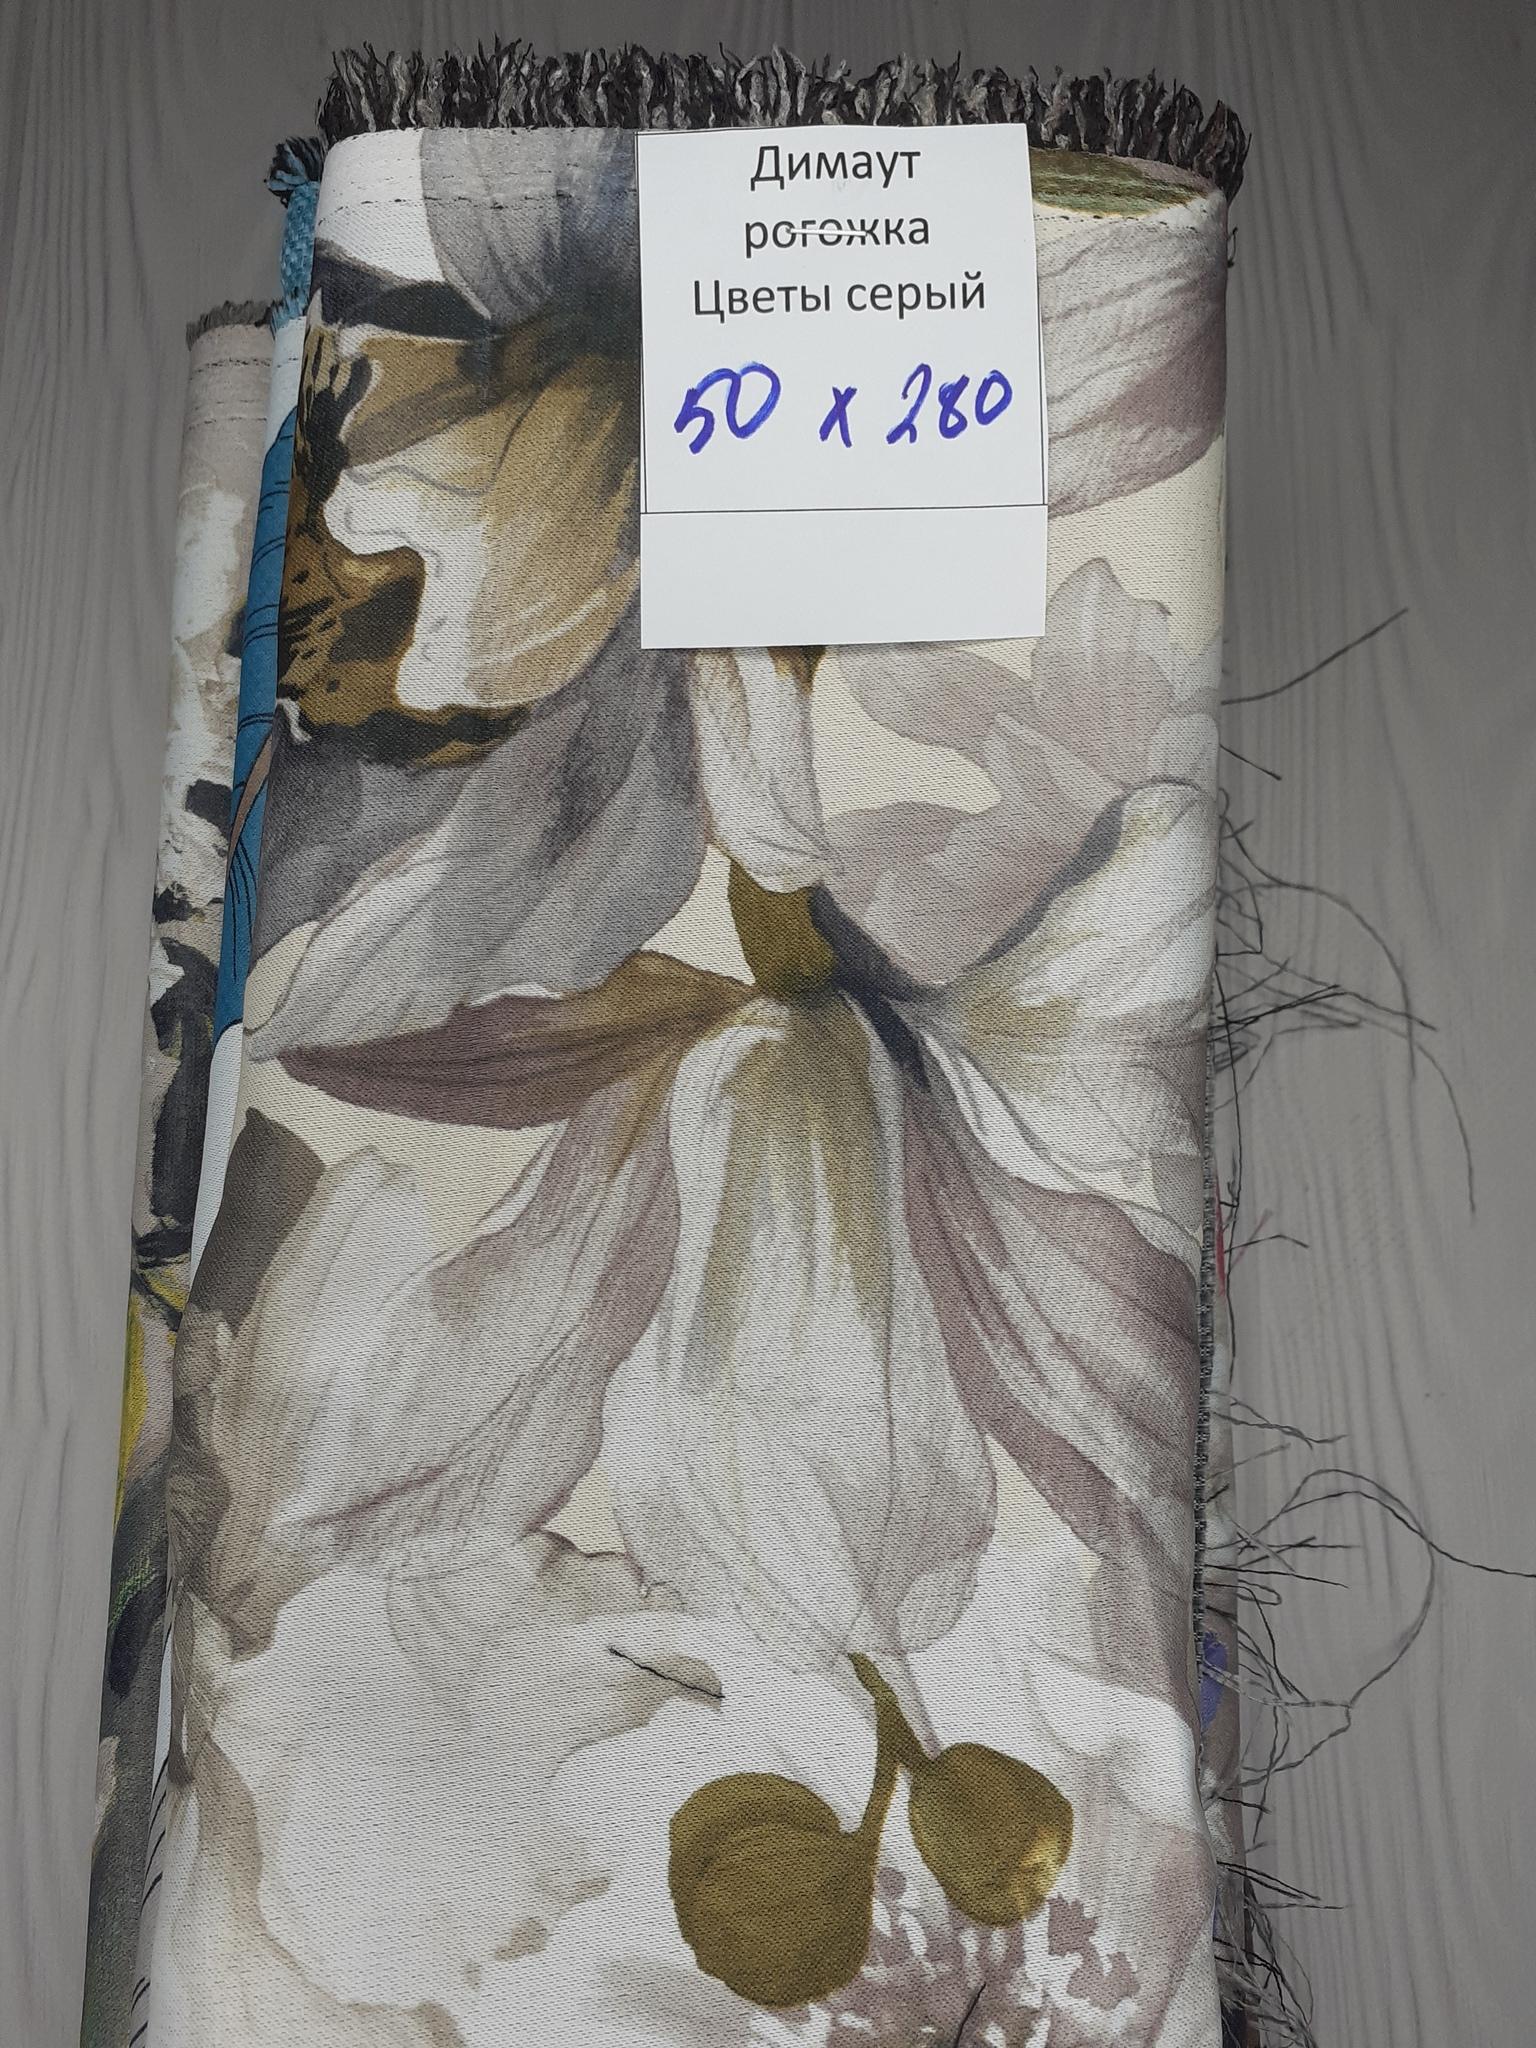 Димаут рогожка цветы серый (лоскут)